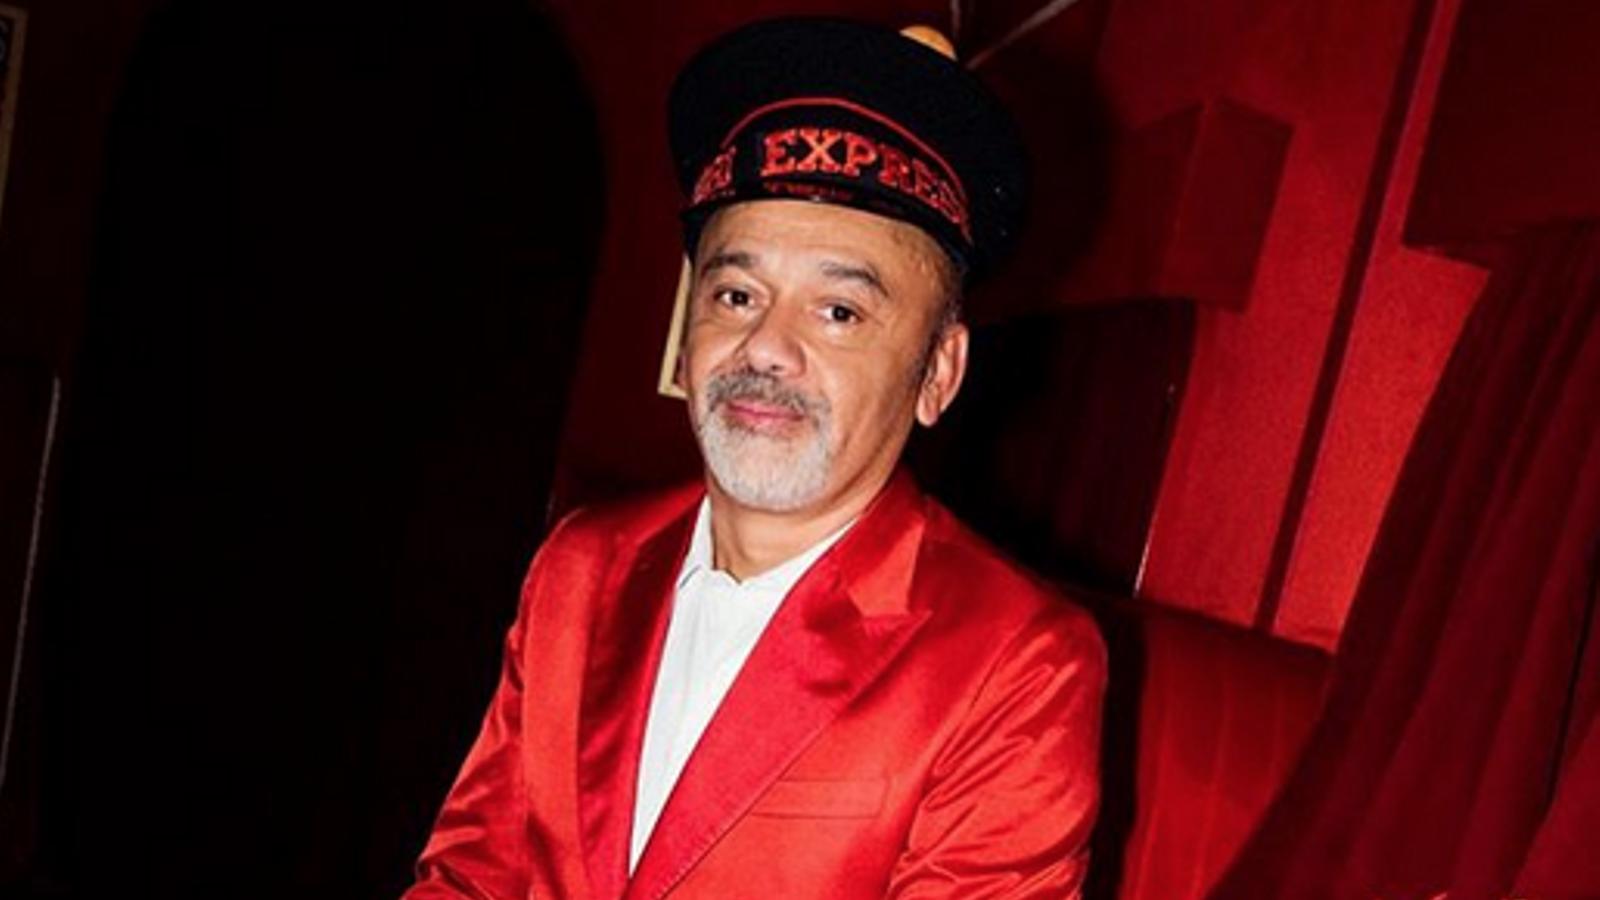 Christian Louboutin, elegit successor de Karl Lagerfeld per crear el Ball de la Rosa de Mònaco